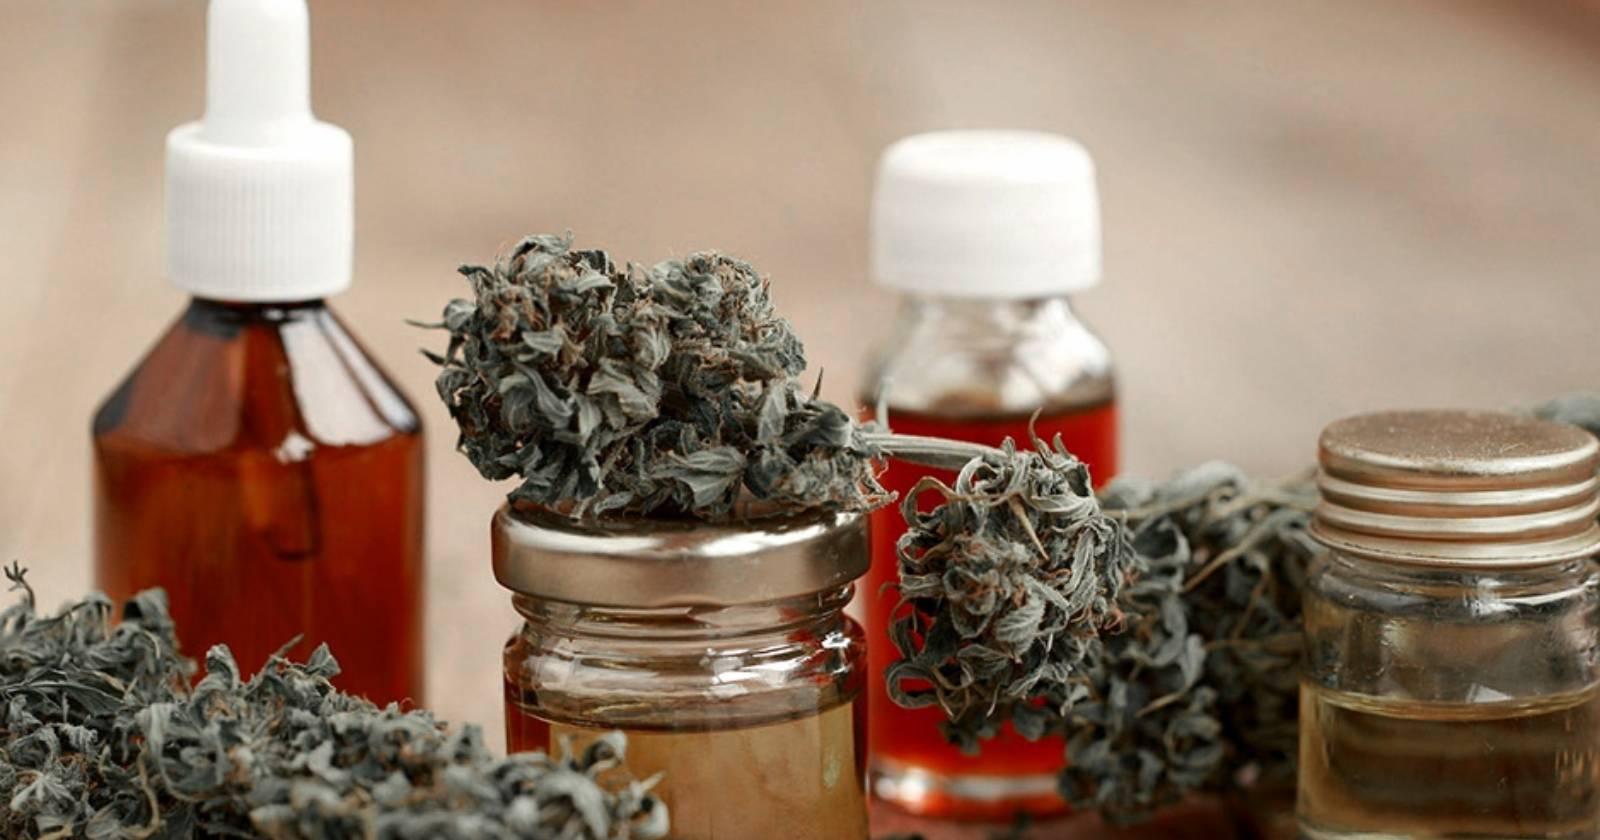 México y Argentina legalizan autocultivo y el uso medicinal de la marihuana